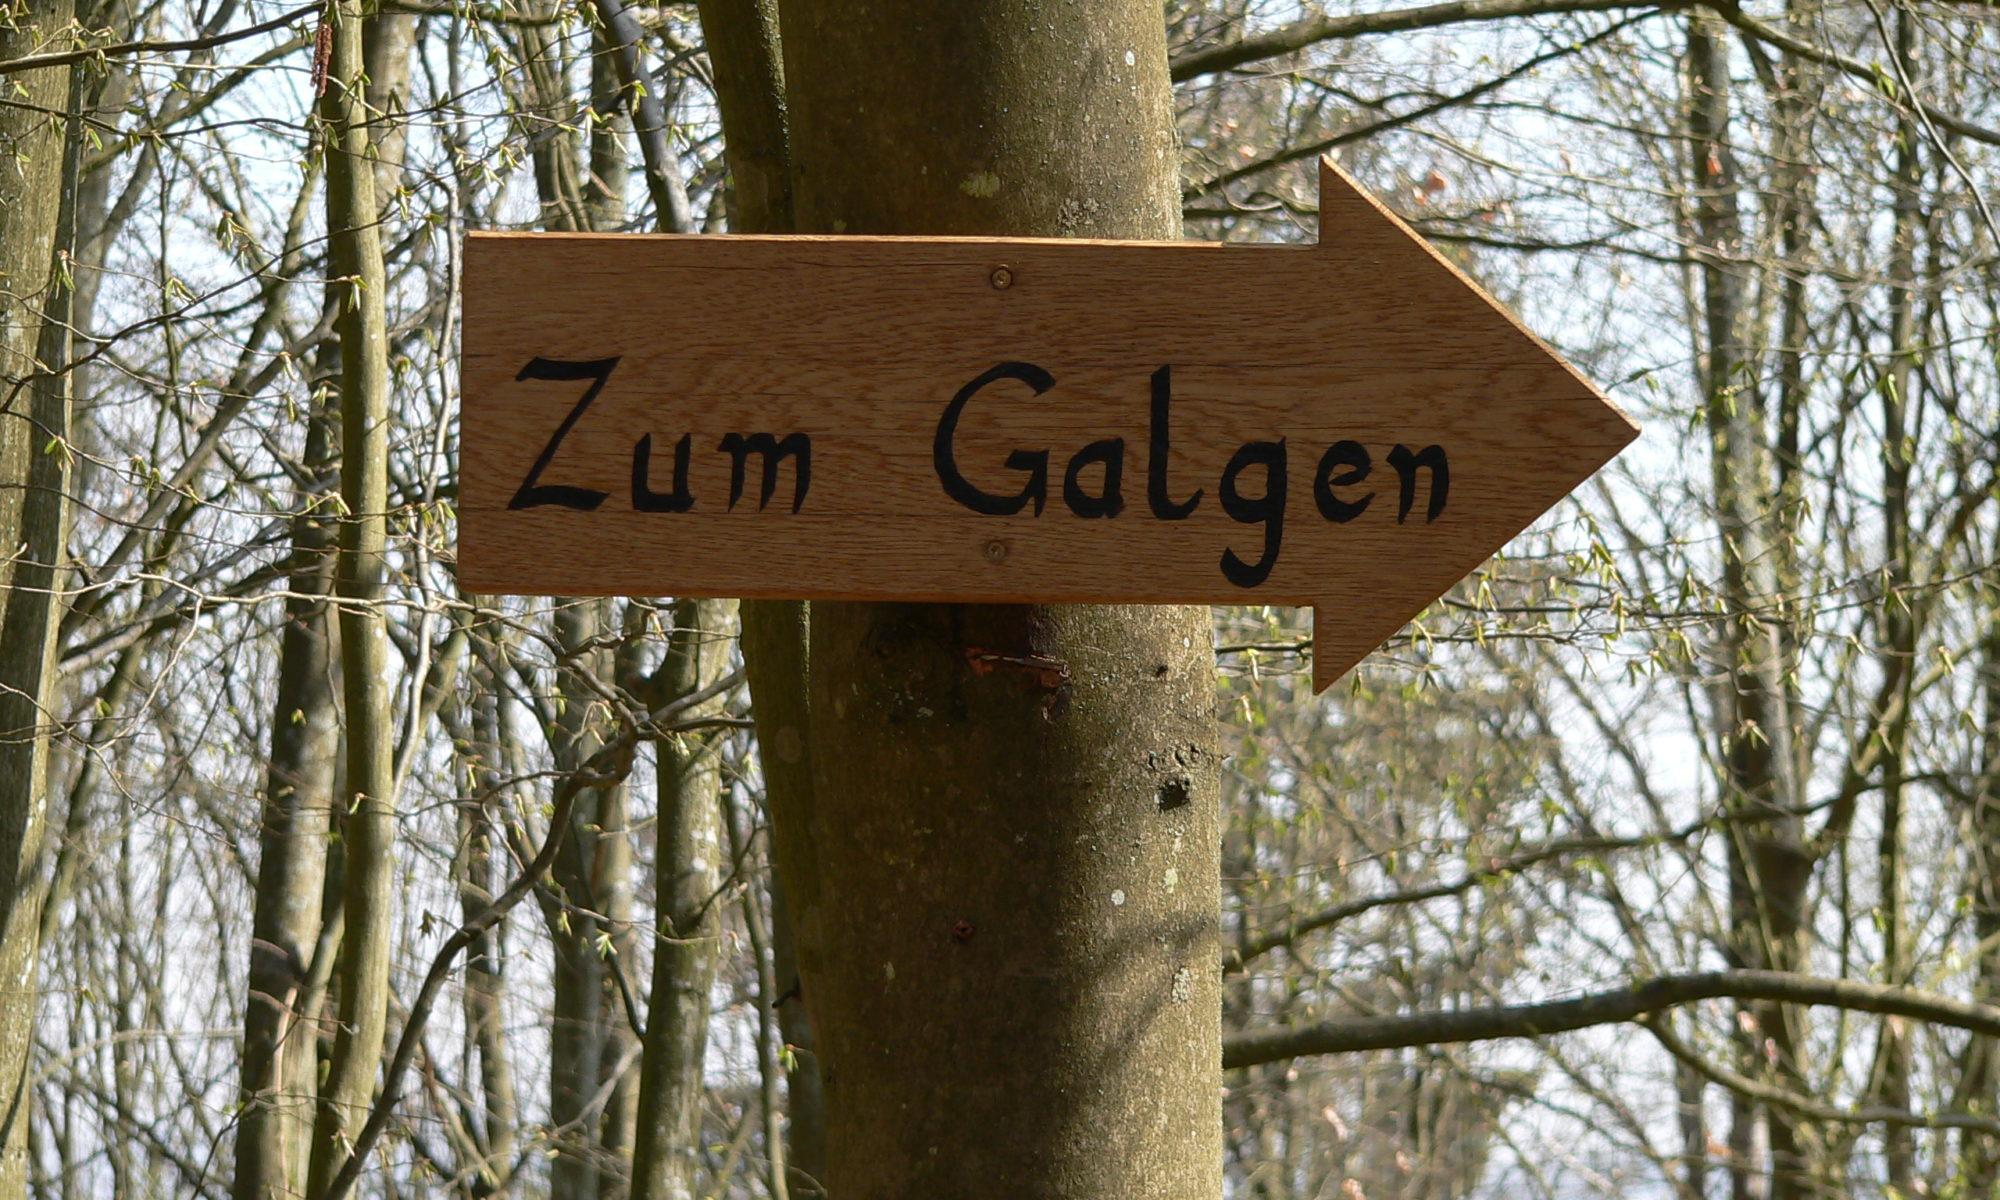 Der Arme-Sünder-Pfad führte in Lohr von der Stadt zur Richtstätte hinauf. | Foto: B. Schneider